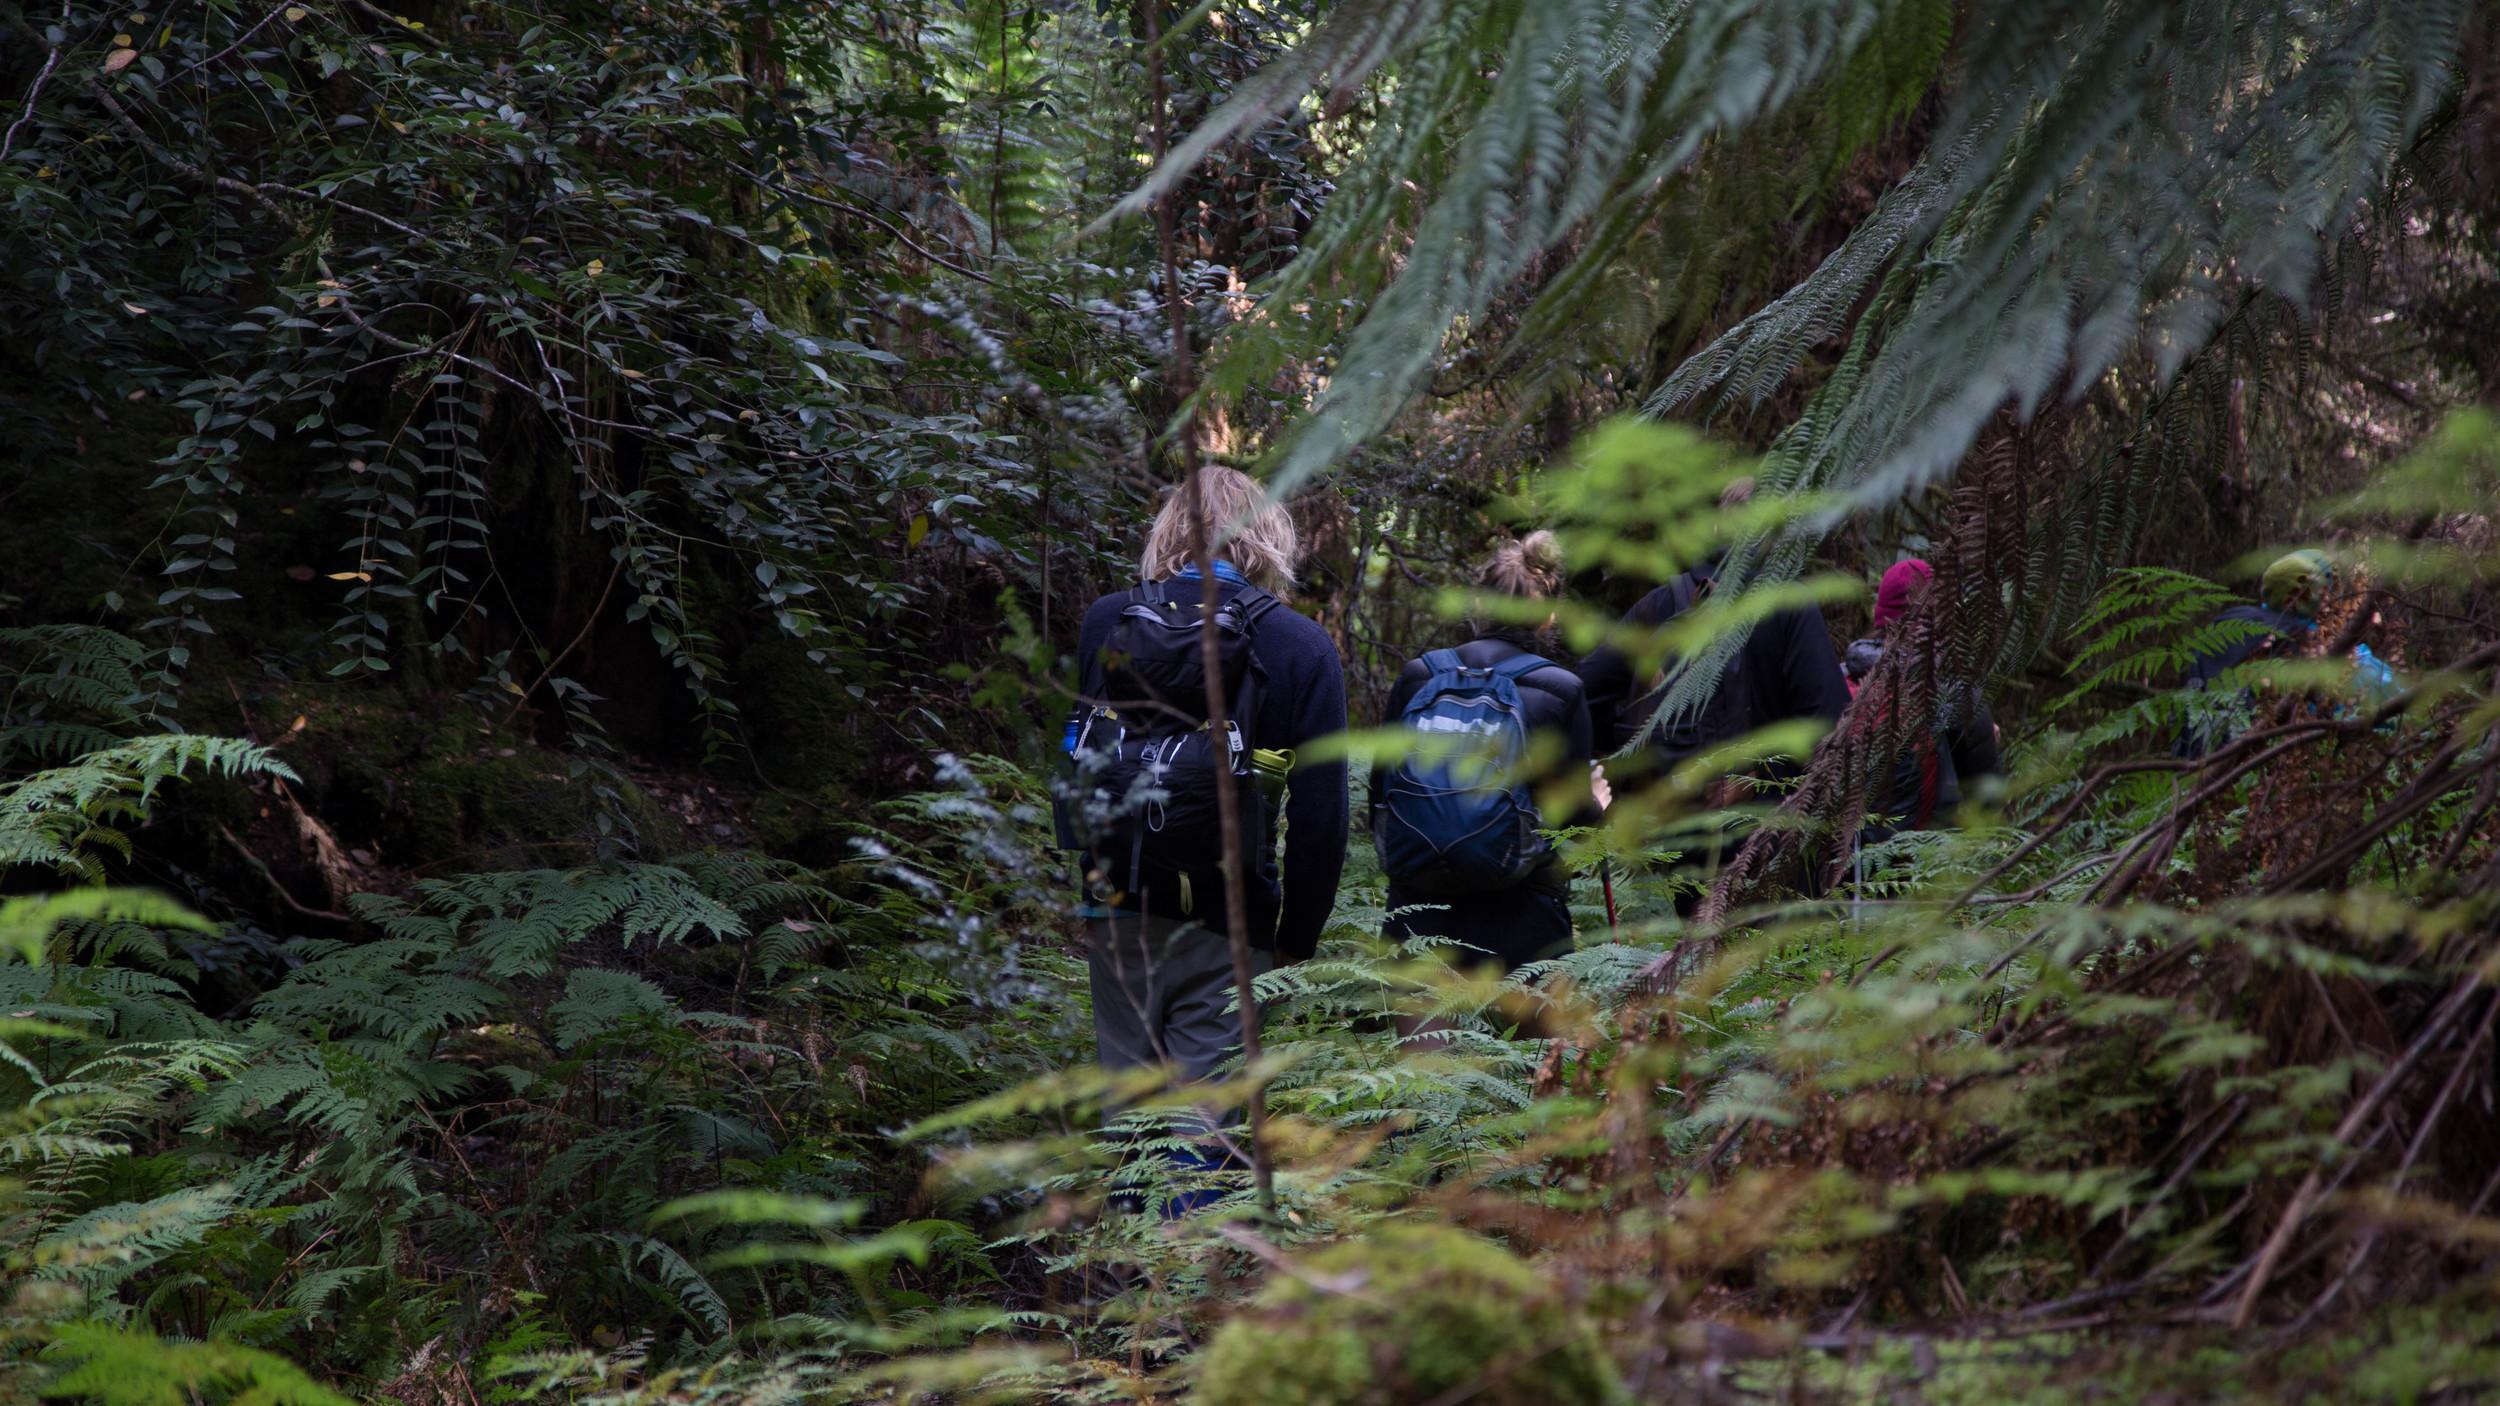 Wild Pedder - Temperate Rainforest Hiking